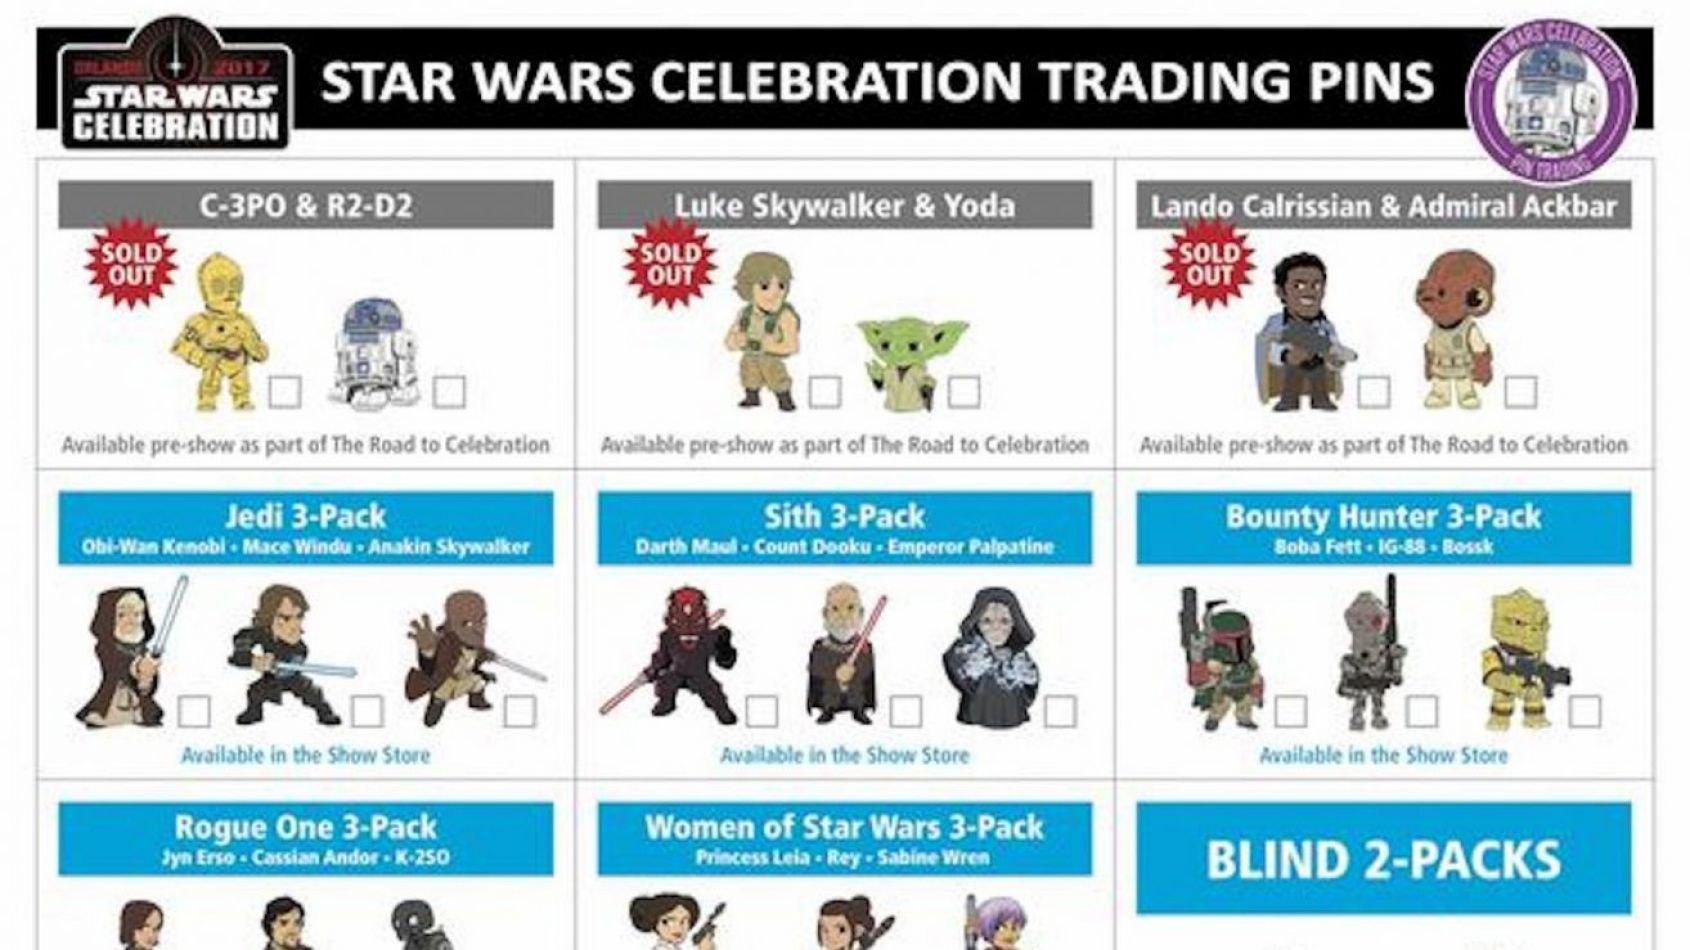 Liste complète des pins de la Star Wars Celebration 2017